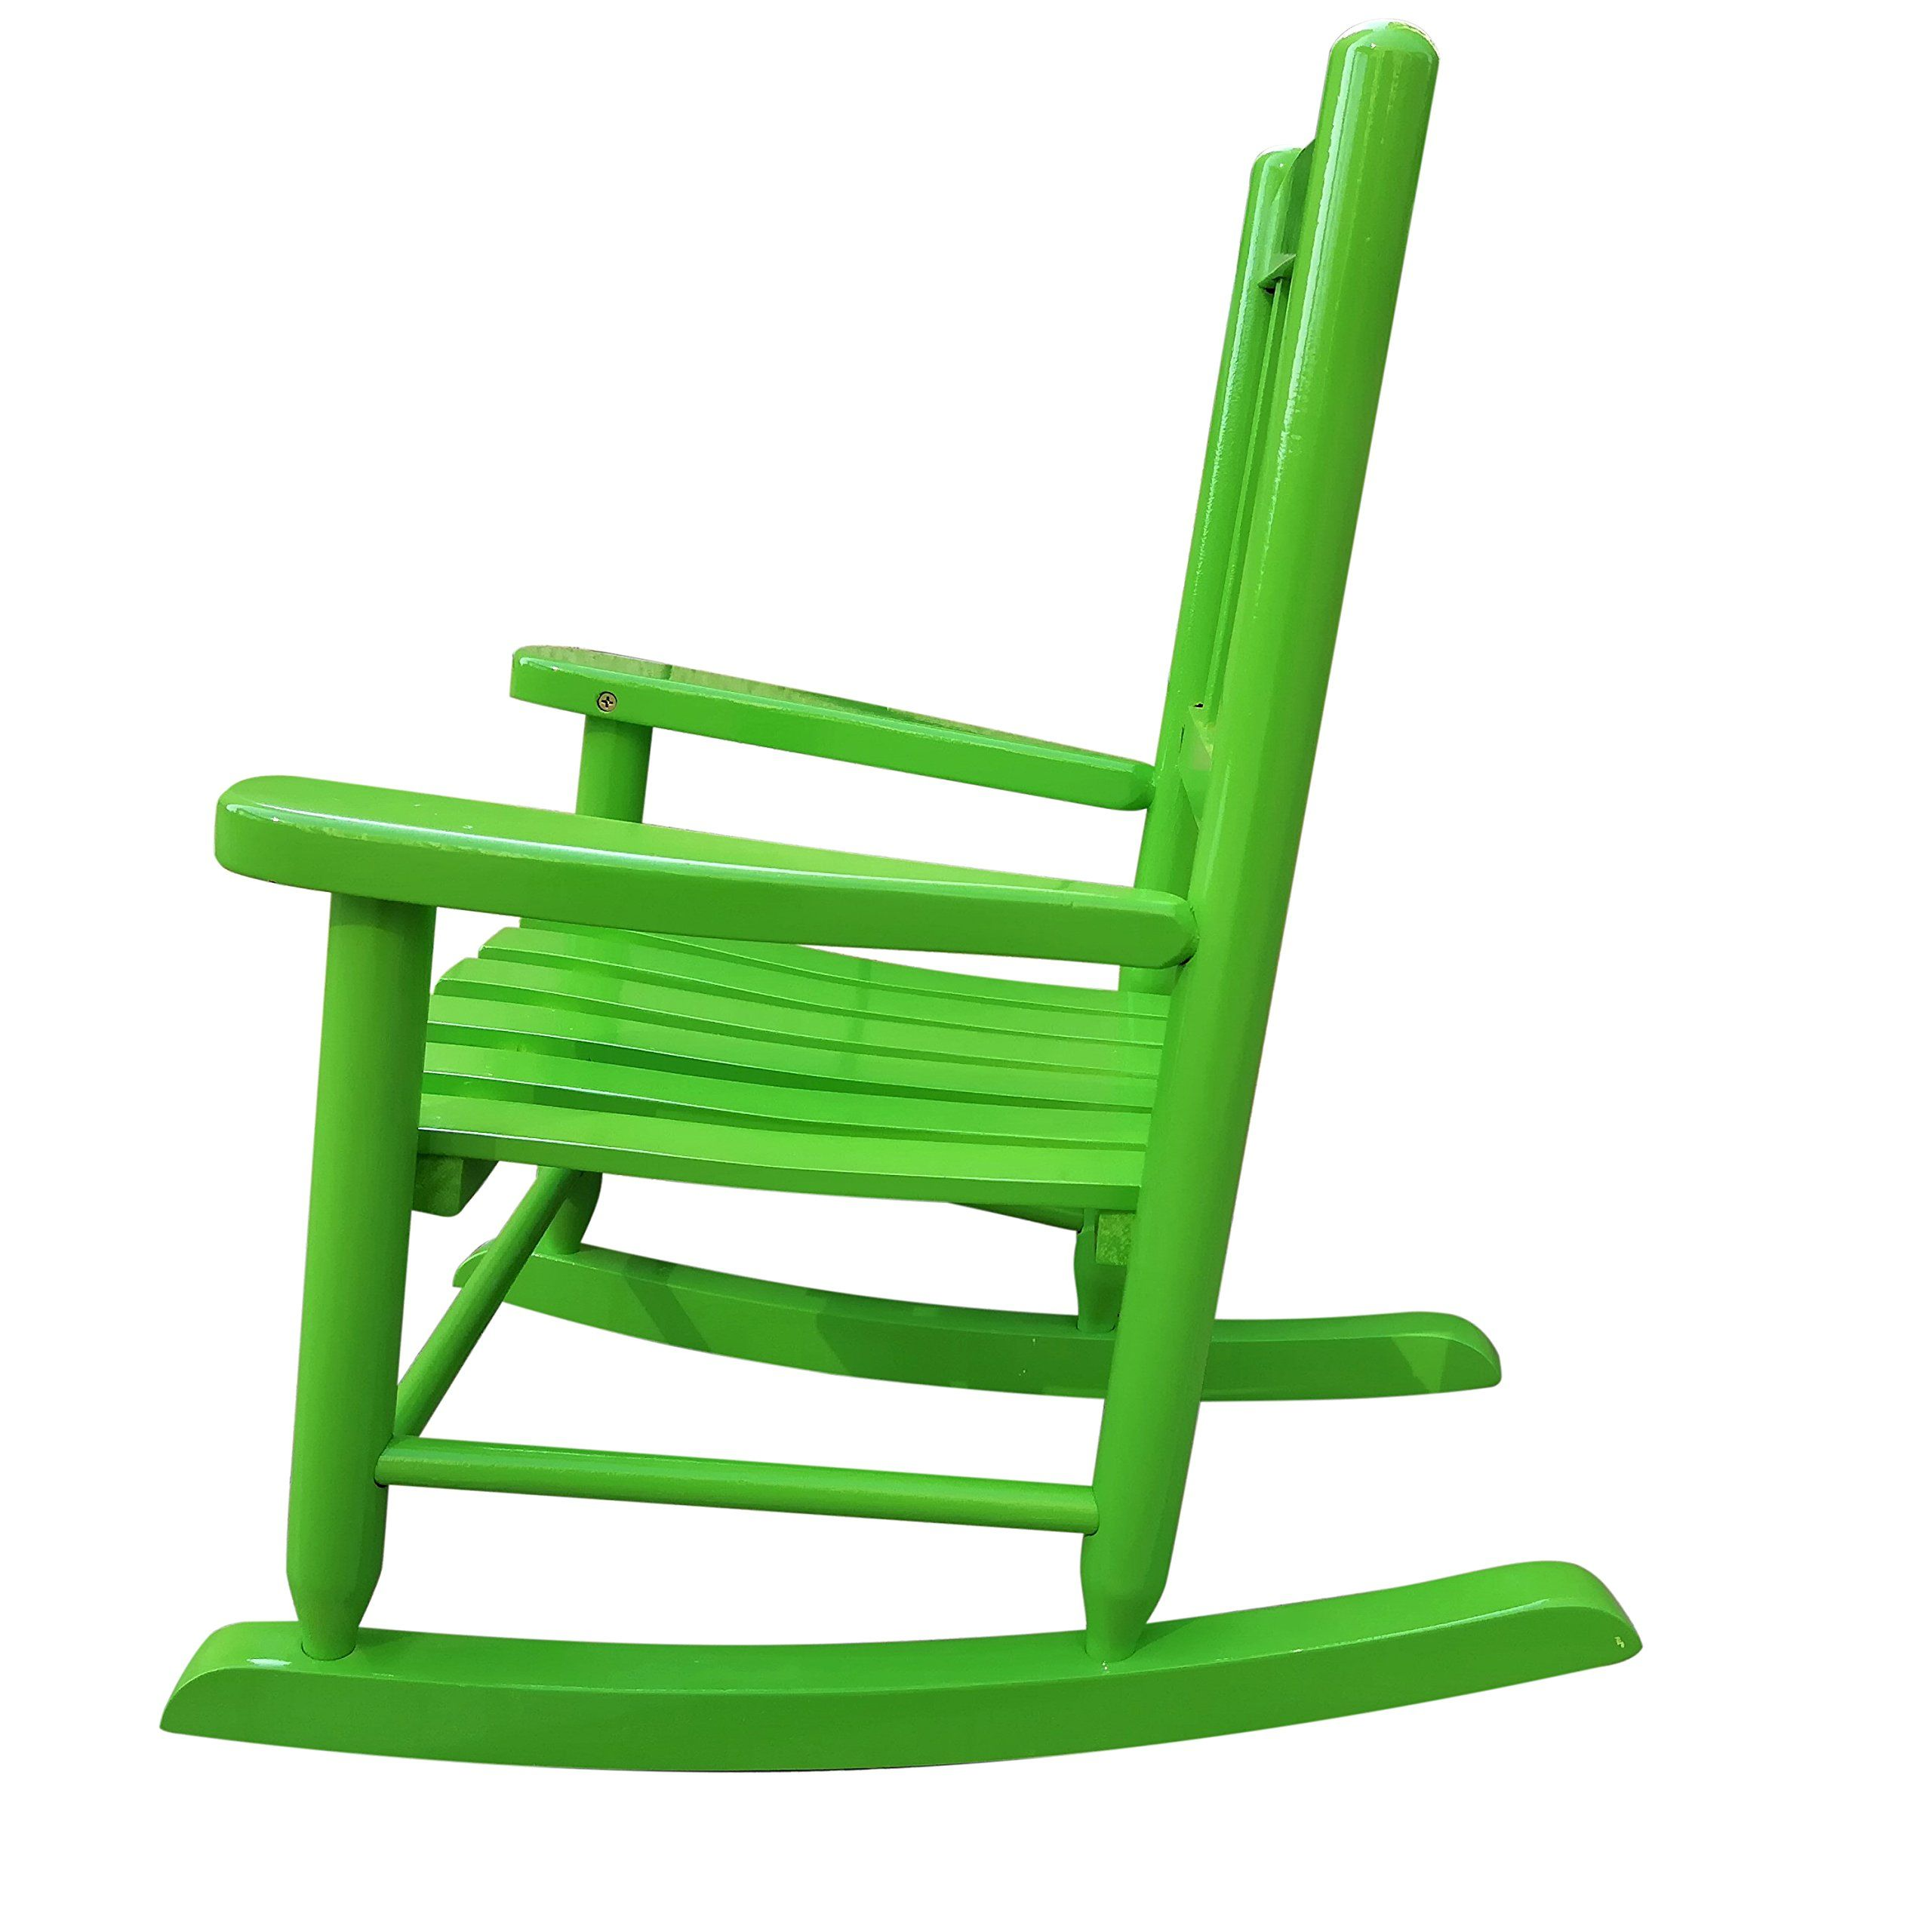 Rockingrocker K031GN Green Child's Rocking Chair/porch